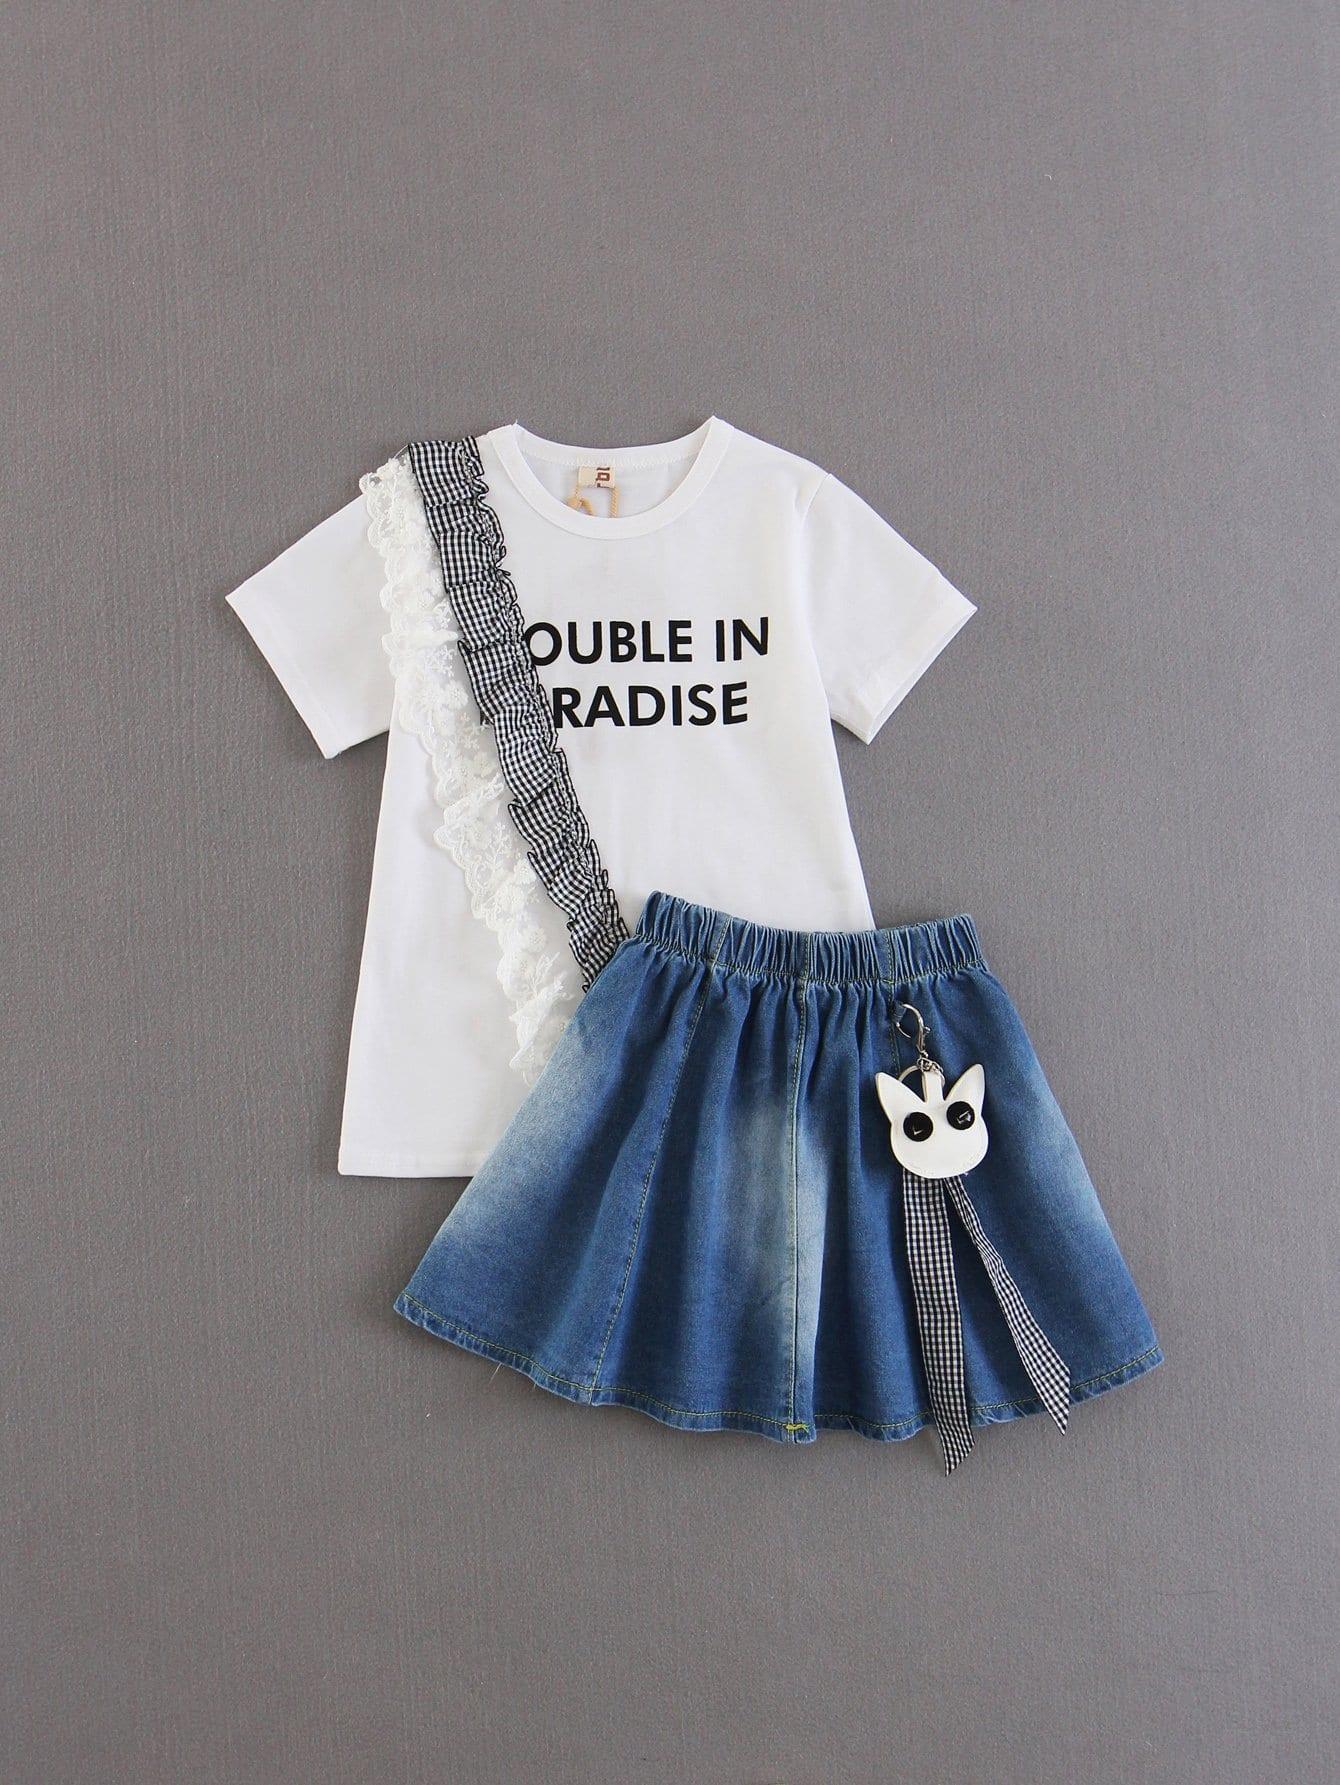 Купить Контрастная футболка с оборками для детей, null, SheIn